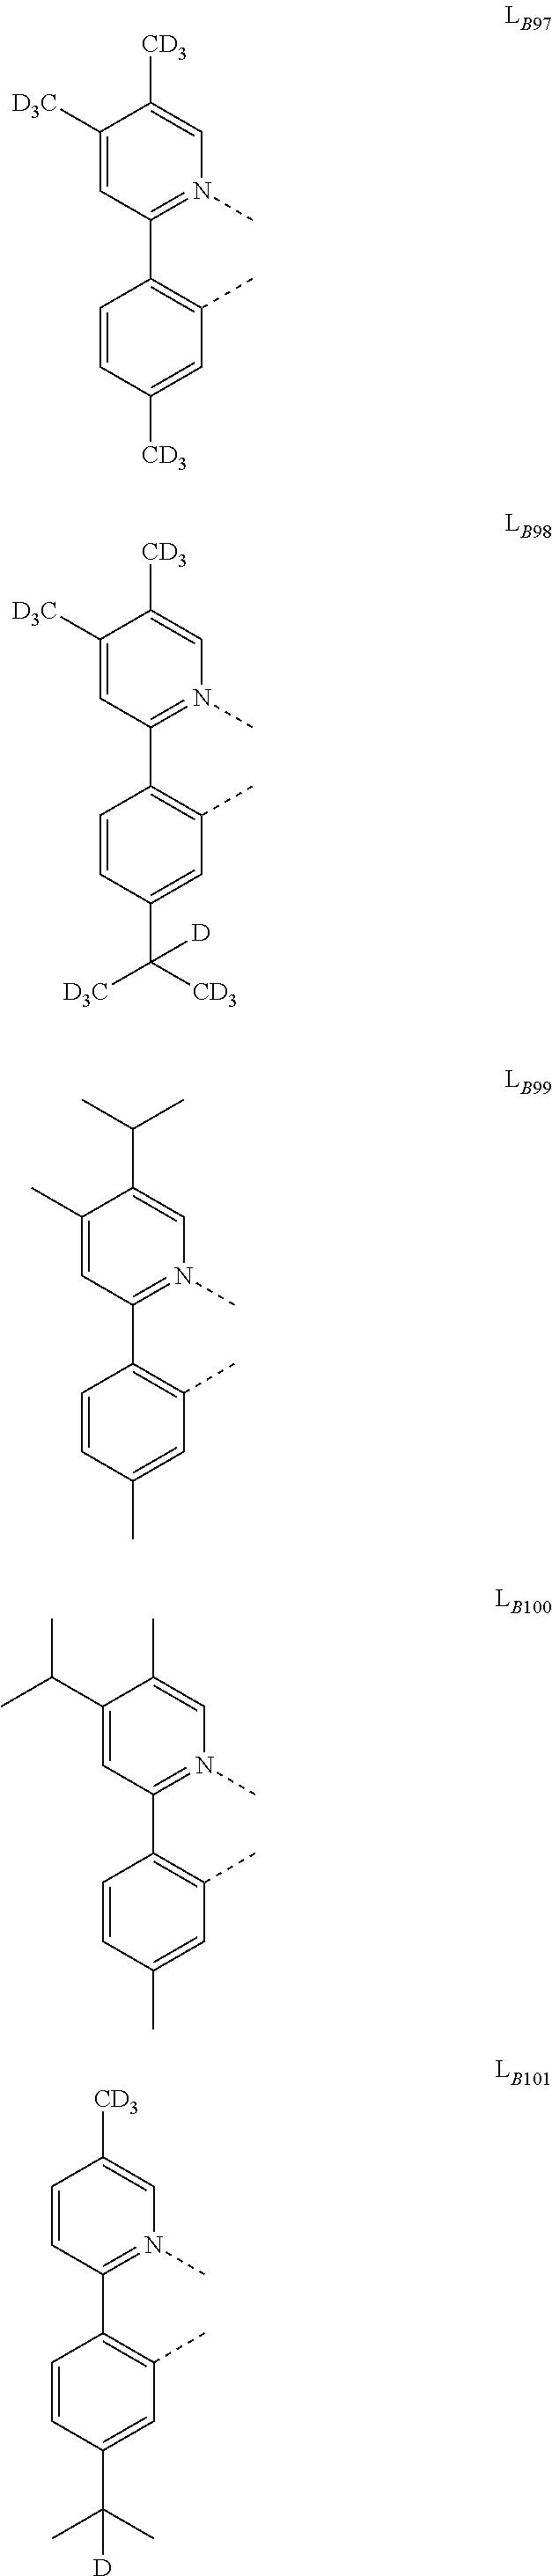 Figure US20180130962A1-20180510-C00278